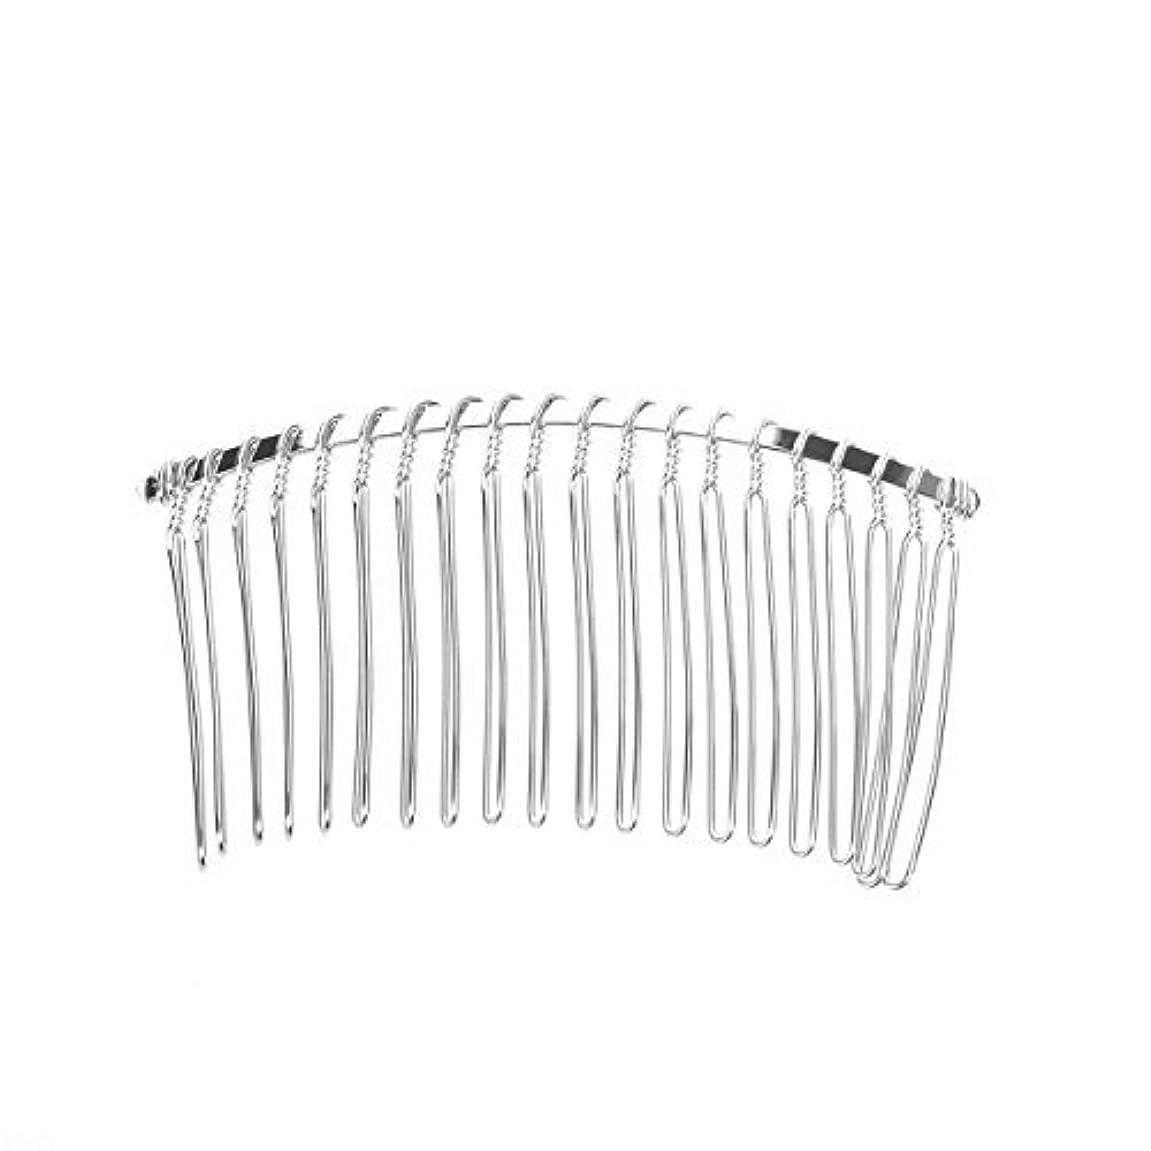 ケイ素消す特権的Pixnor 7.8cm 20 Teeth Fancy DIY Metal Wire Hair Clip Comb Bridal Wedding Veil Comb (Silver) [並行輸入品]